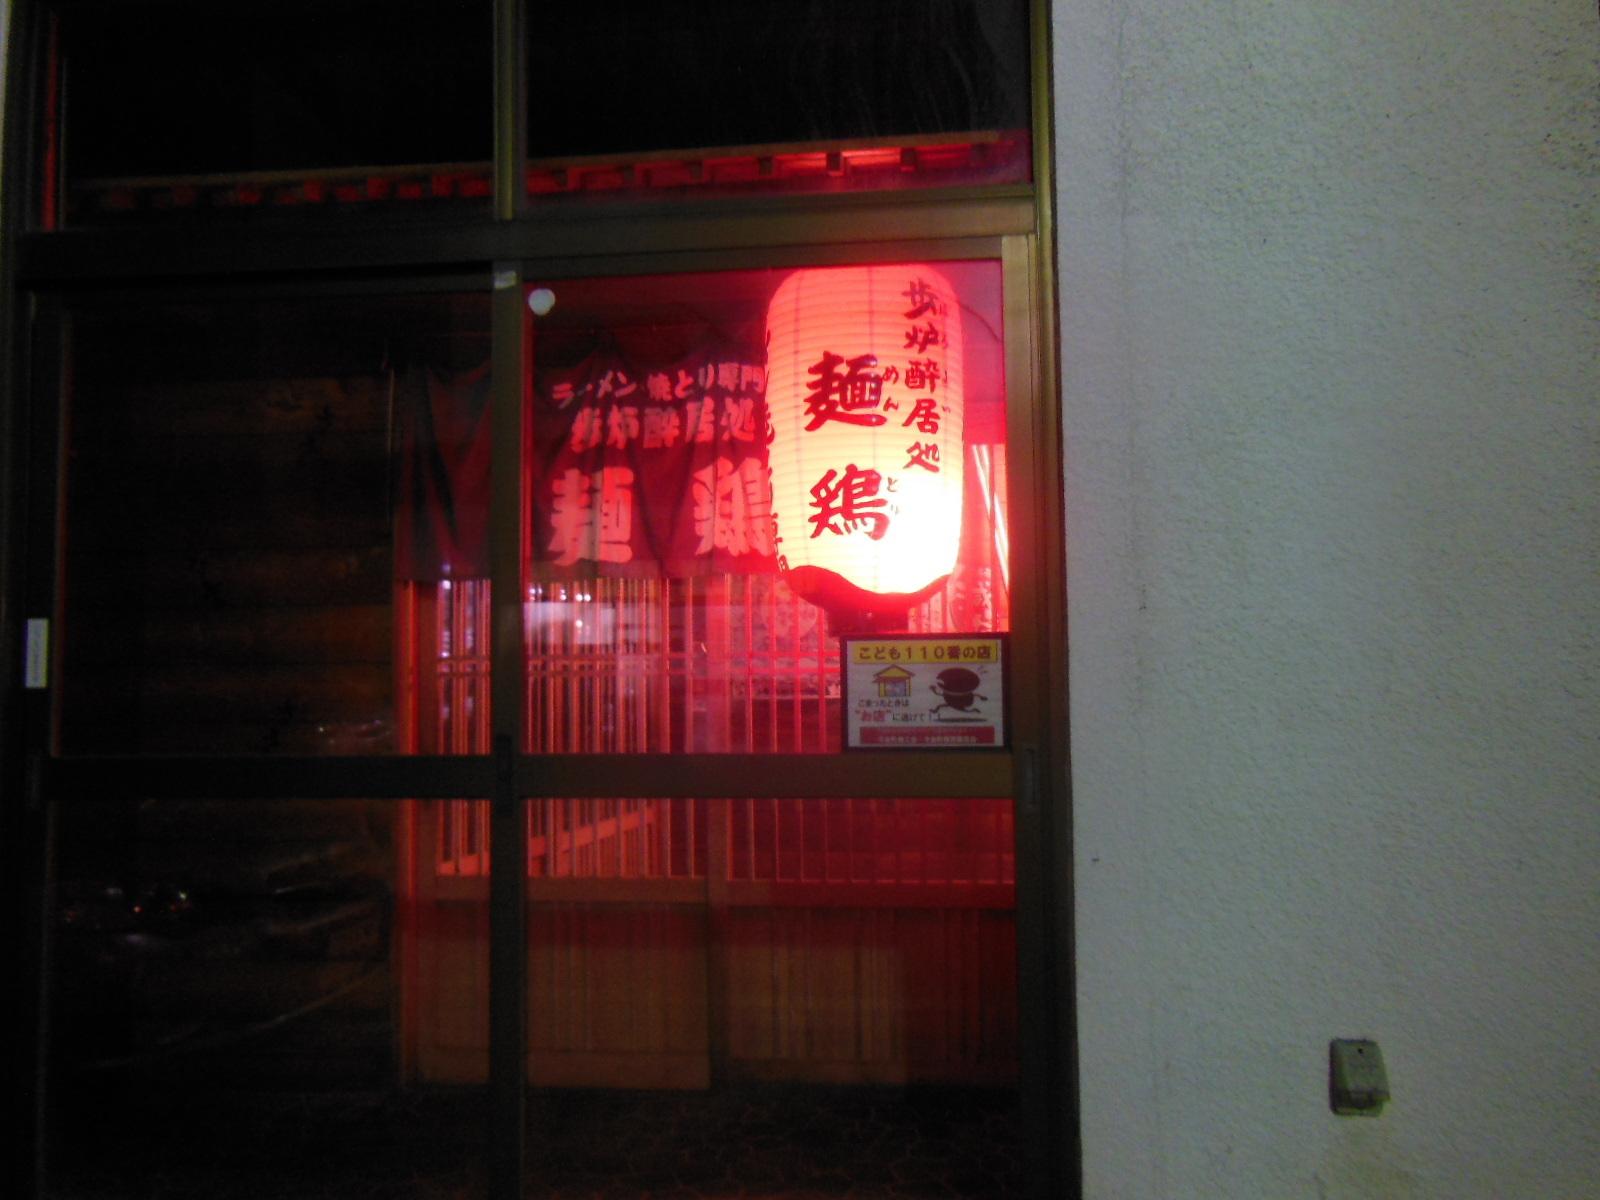 歩炉酔居処麺鶏